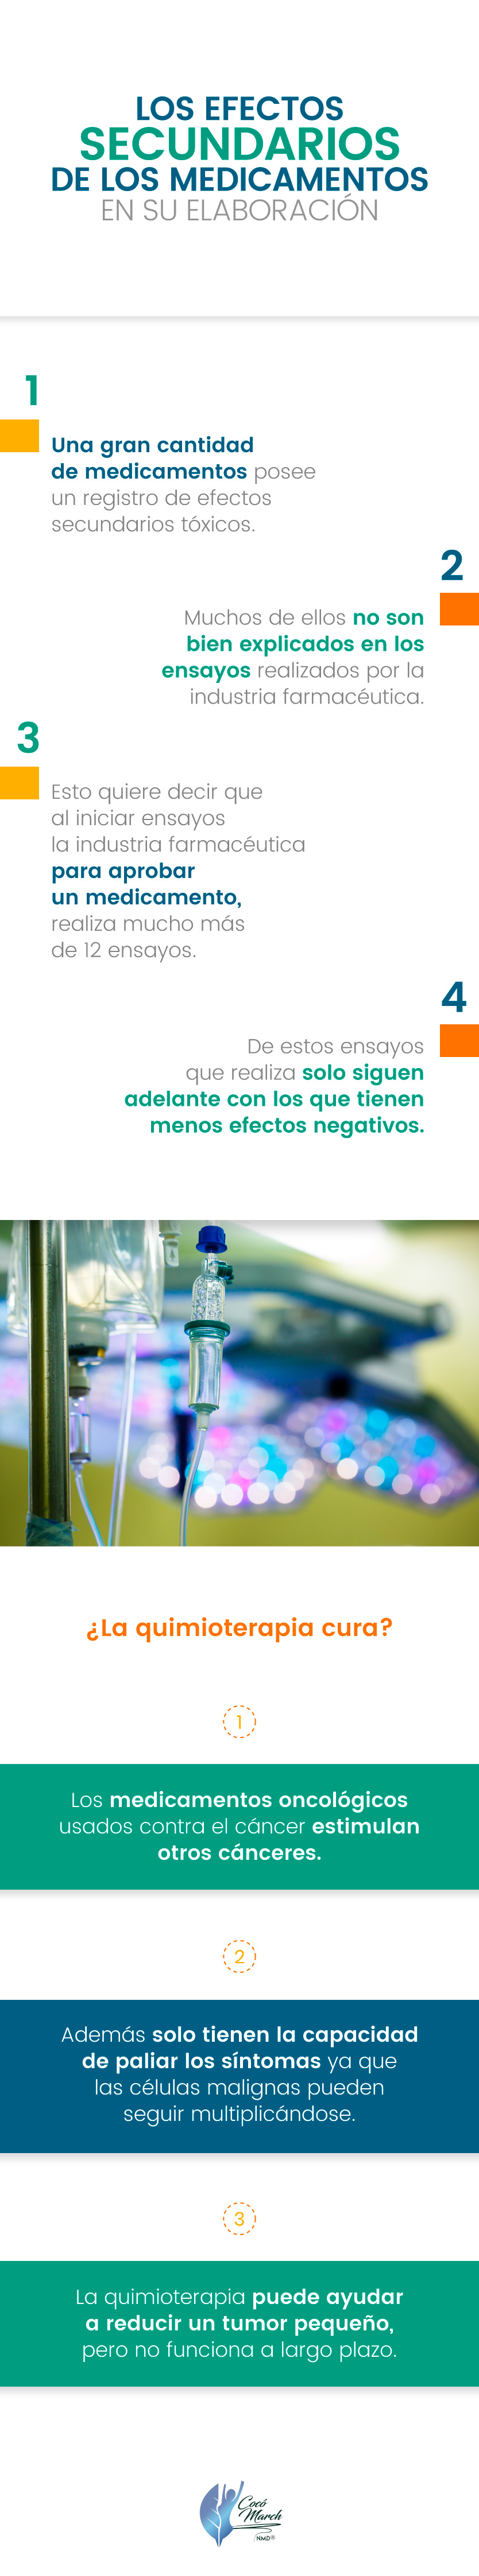 efectos-secundarios-de-los-medicamentos